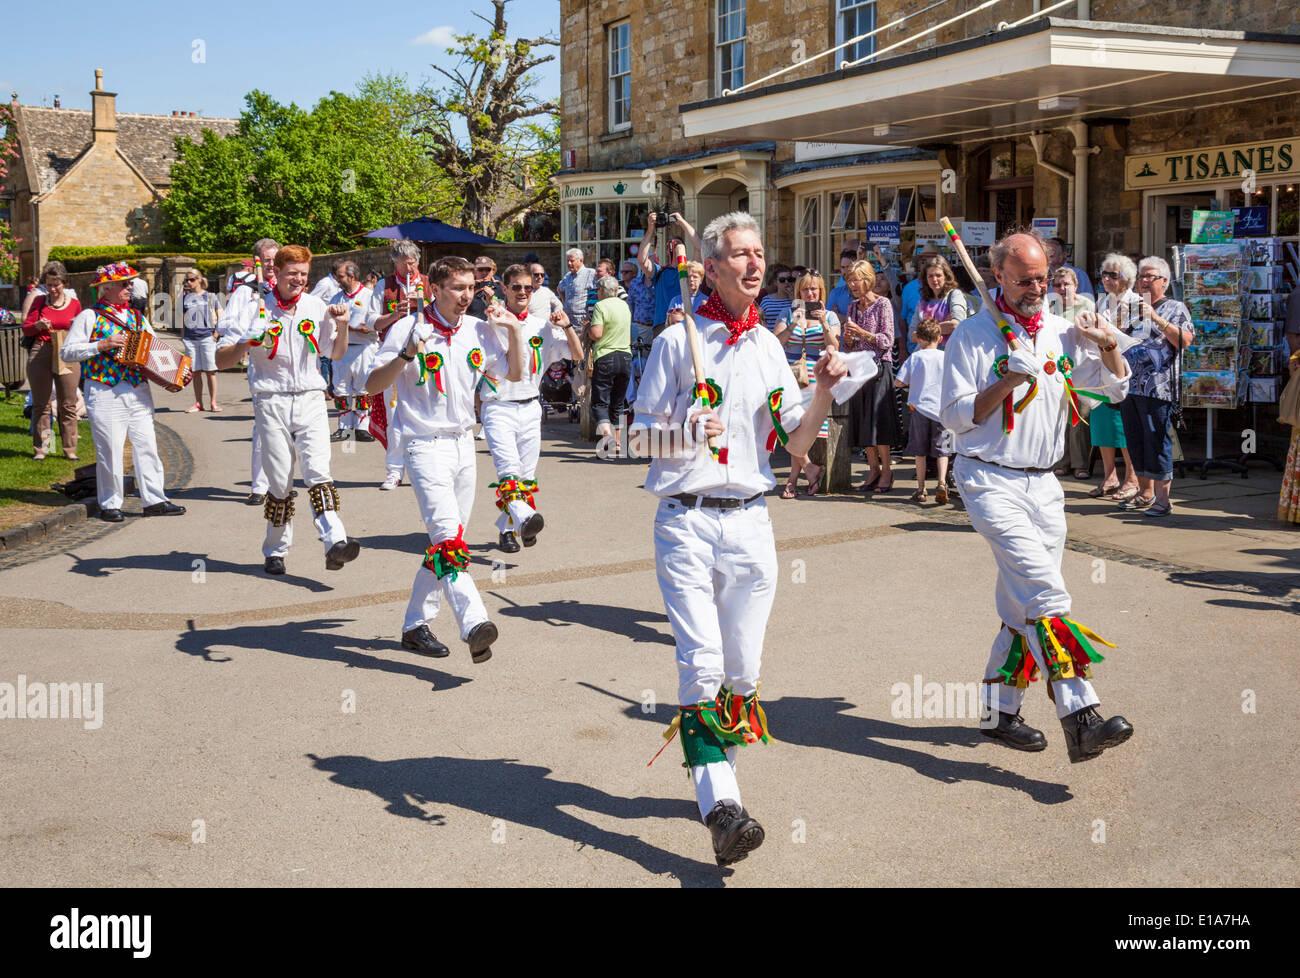 La danse Morris dans le village de Broadway, les Cotswolds, Worcestershire, Angleterre, Royaume-Uni, l'Union européenne, Banque D'Images